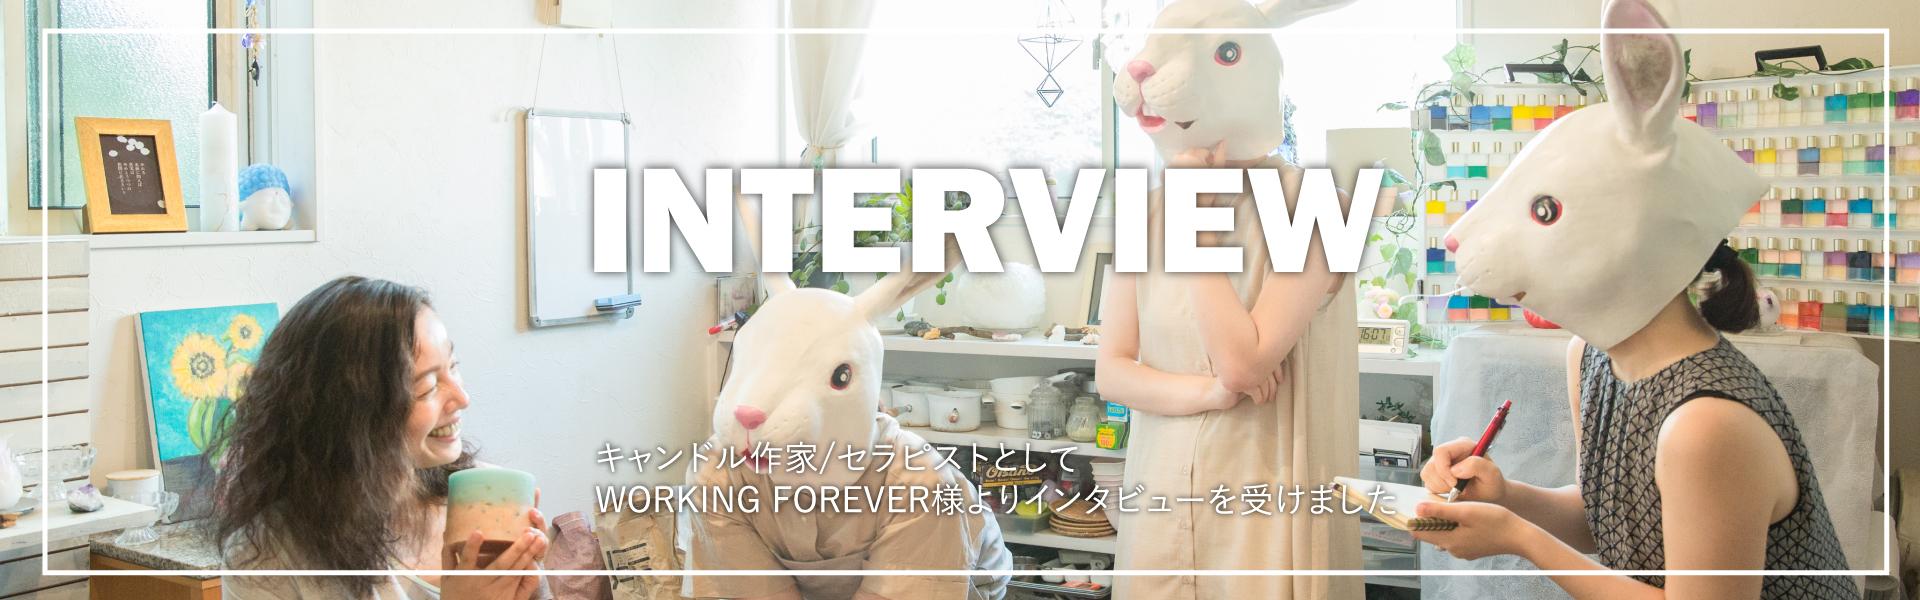 小池安雲インタビュー記事